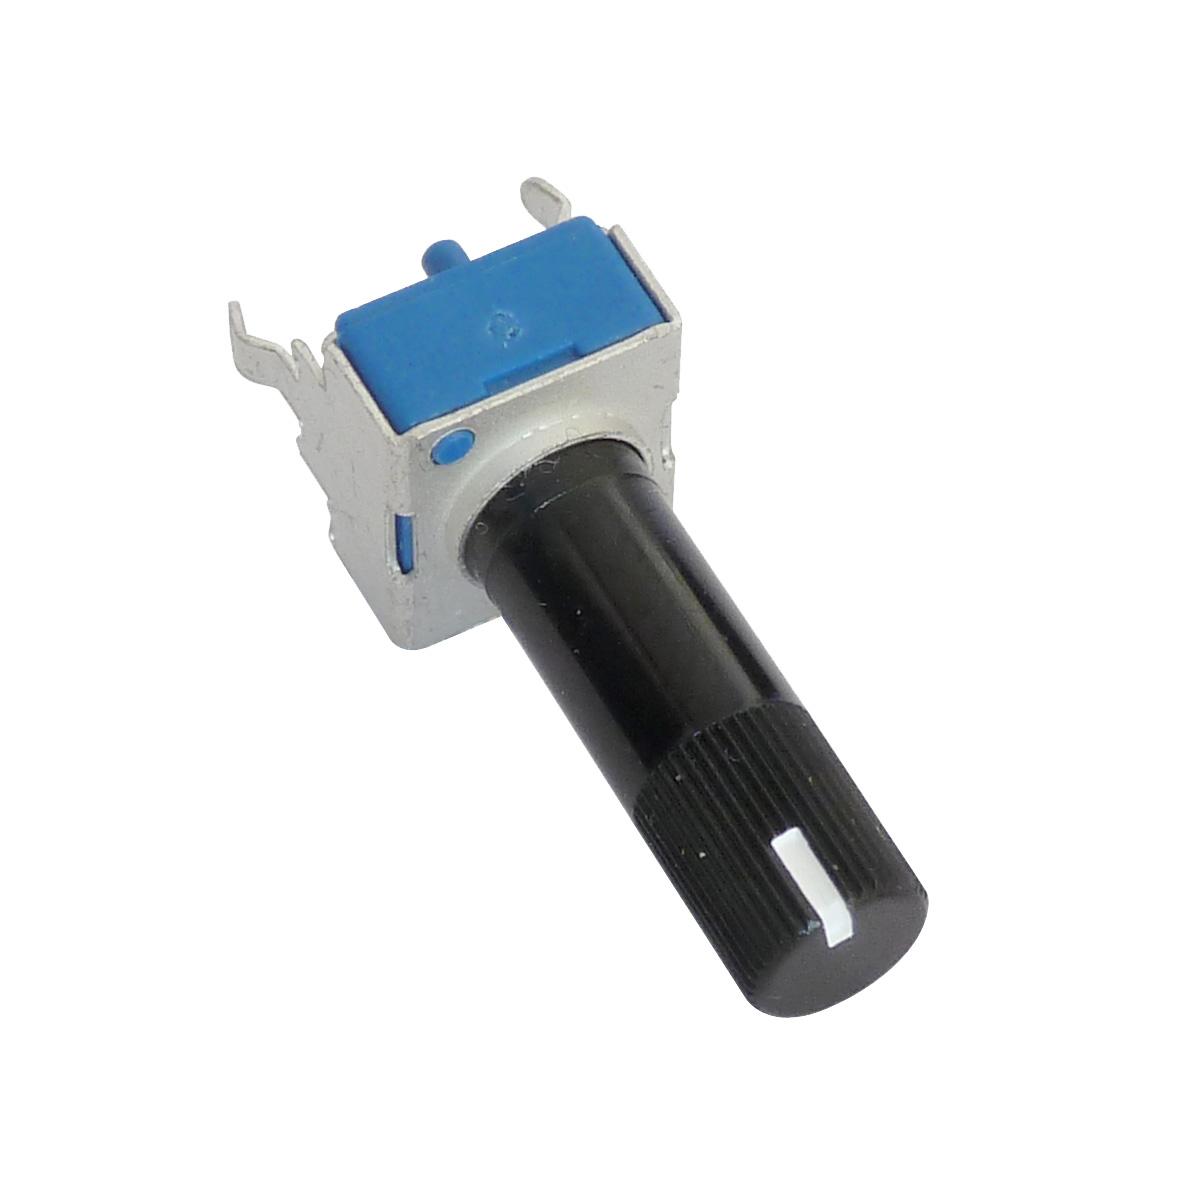 Potentiomètre rotatif 9mm logarithmique 10K ohms 0.05W